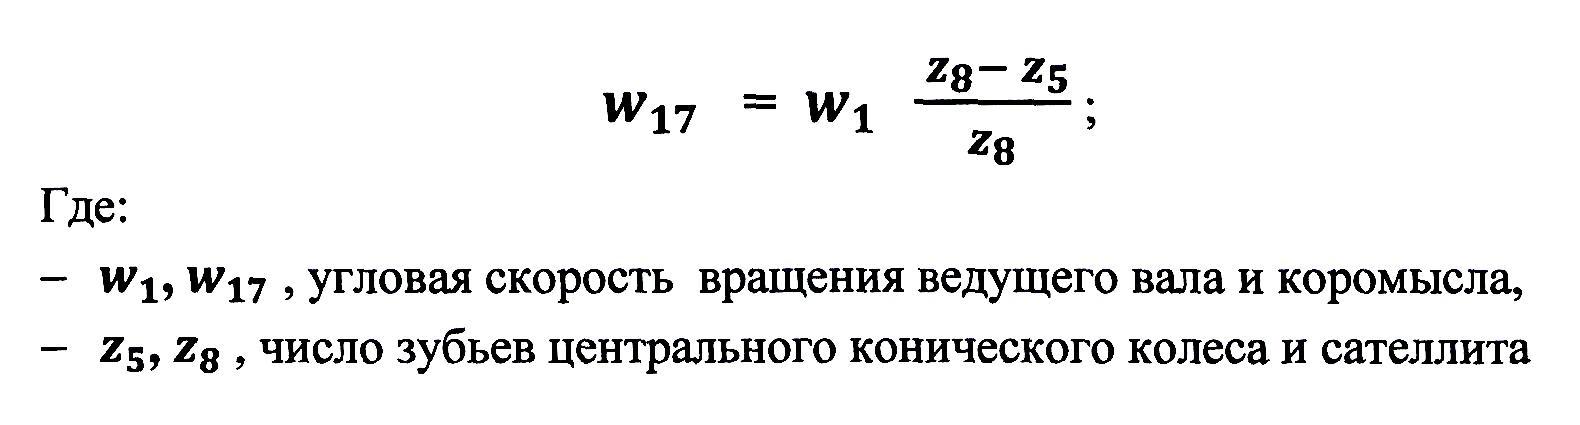 Рис 42А